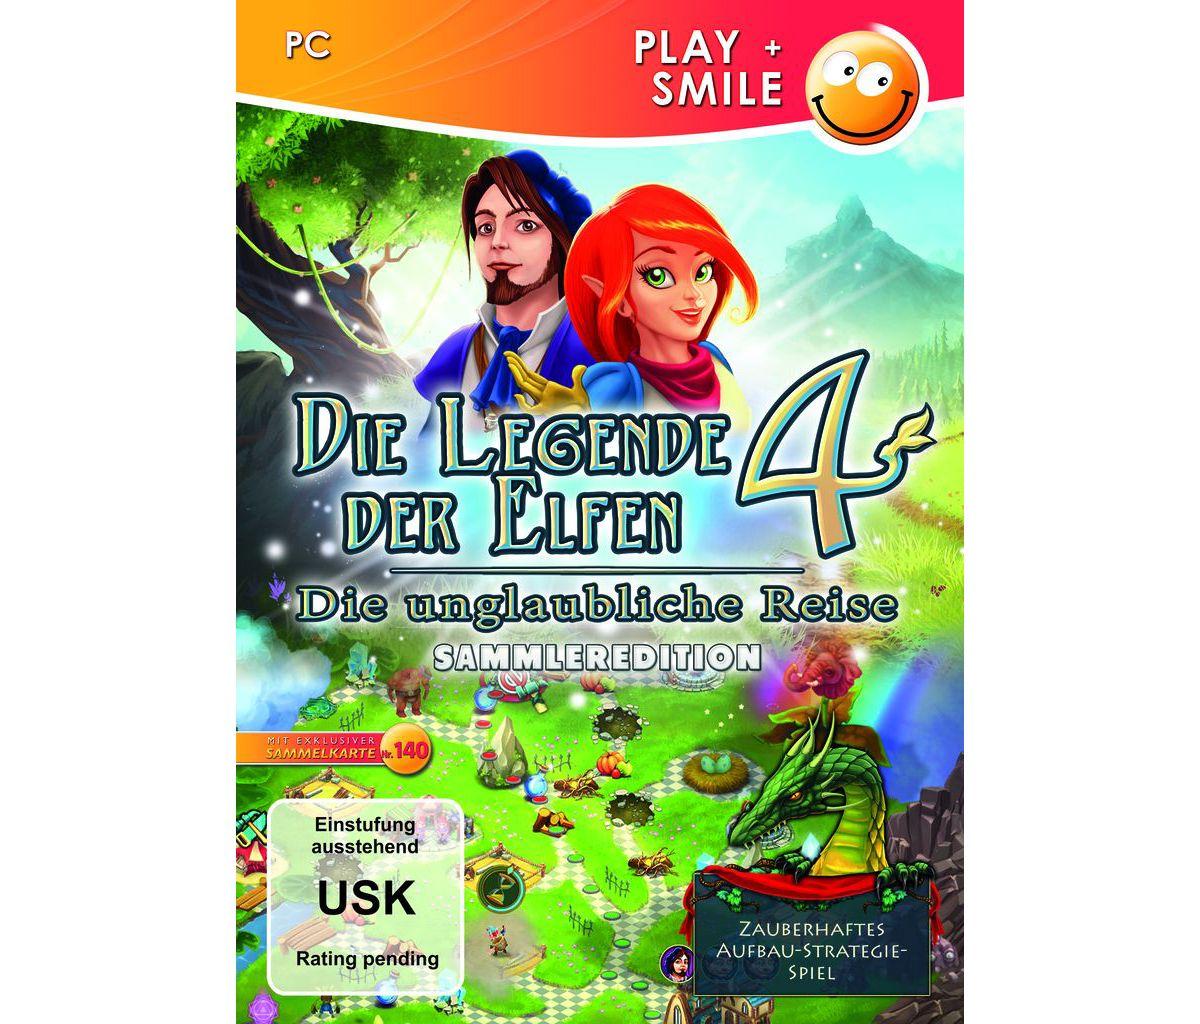 2c9a88df4b7698 Astragon PC - Spiel »Die Legende der Elfen 4  Die unglaubliche Reise«